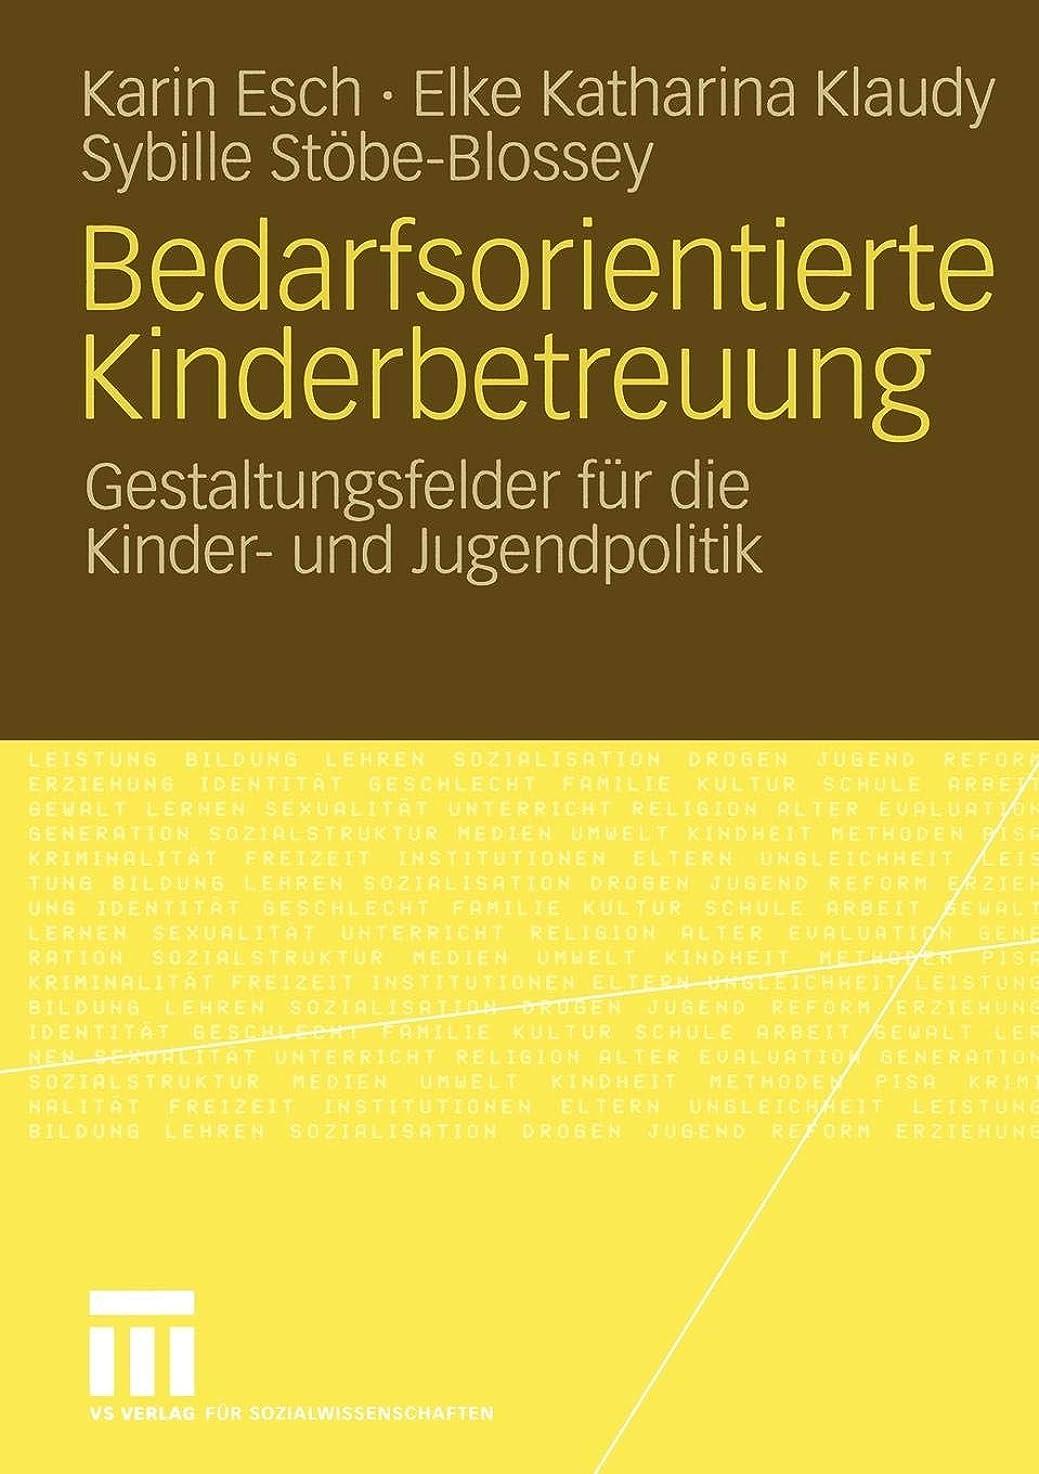 カップル活気づけるアルファベットBedarfsorientierte Kinderbetreuung: Gestaltungsfelder fuer die Kinder- und Jugendpolitik